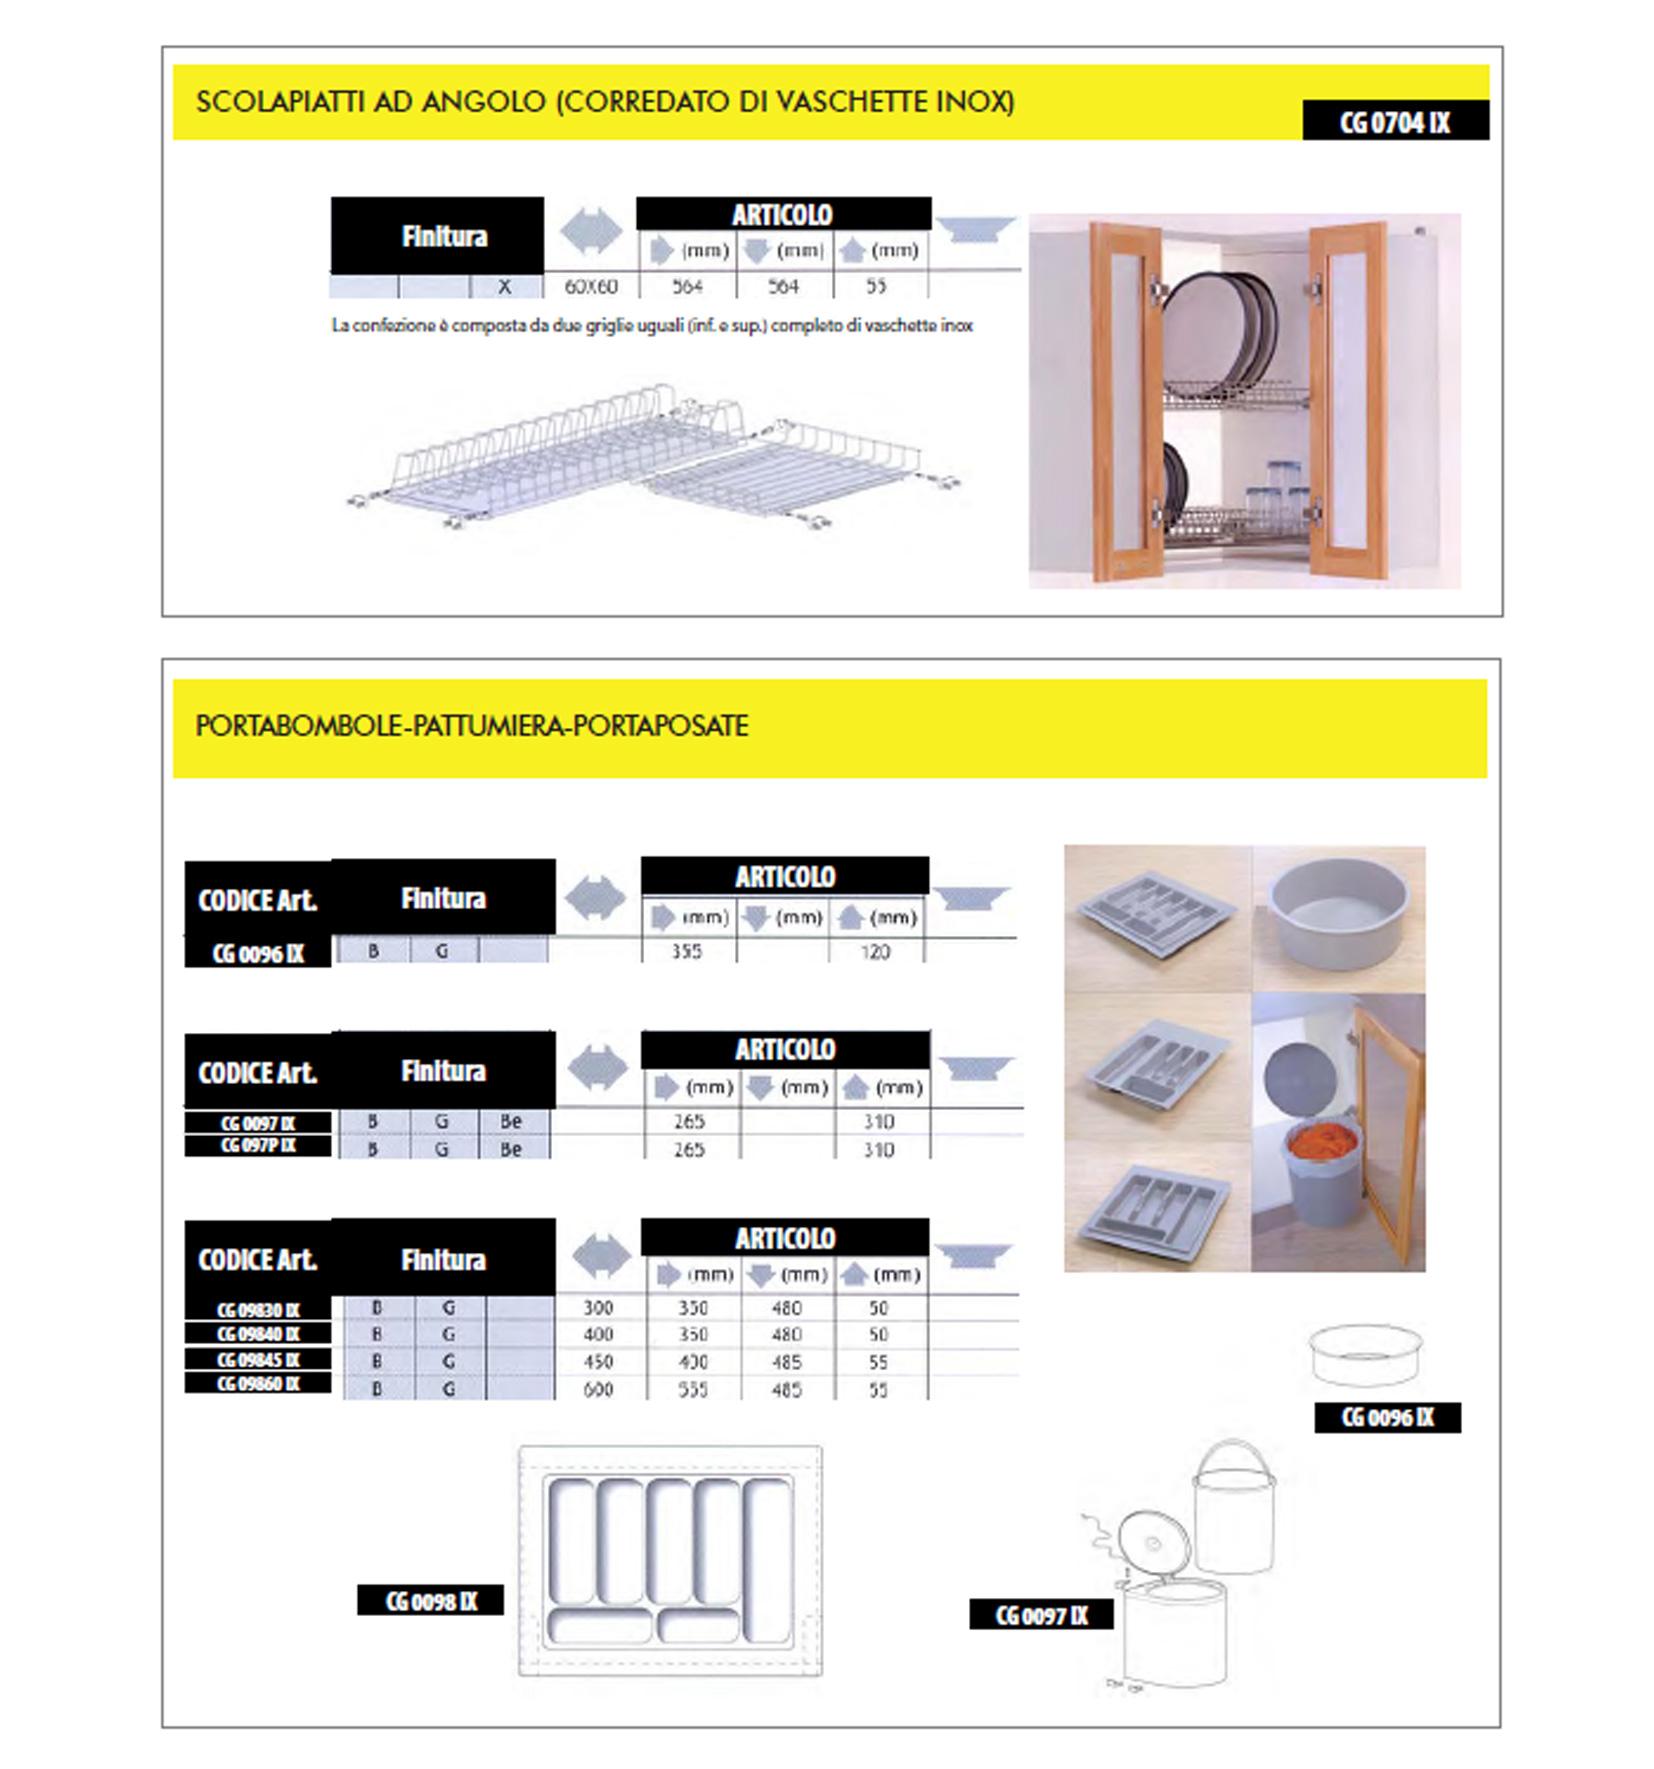 https://www.cgferramenta.it/wp-content/uploads/2021/01/Pagine-da-CG-ferramenta_accessori-per-cucina2.jpg